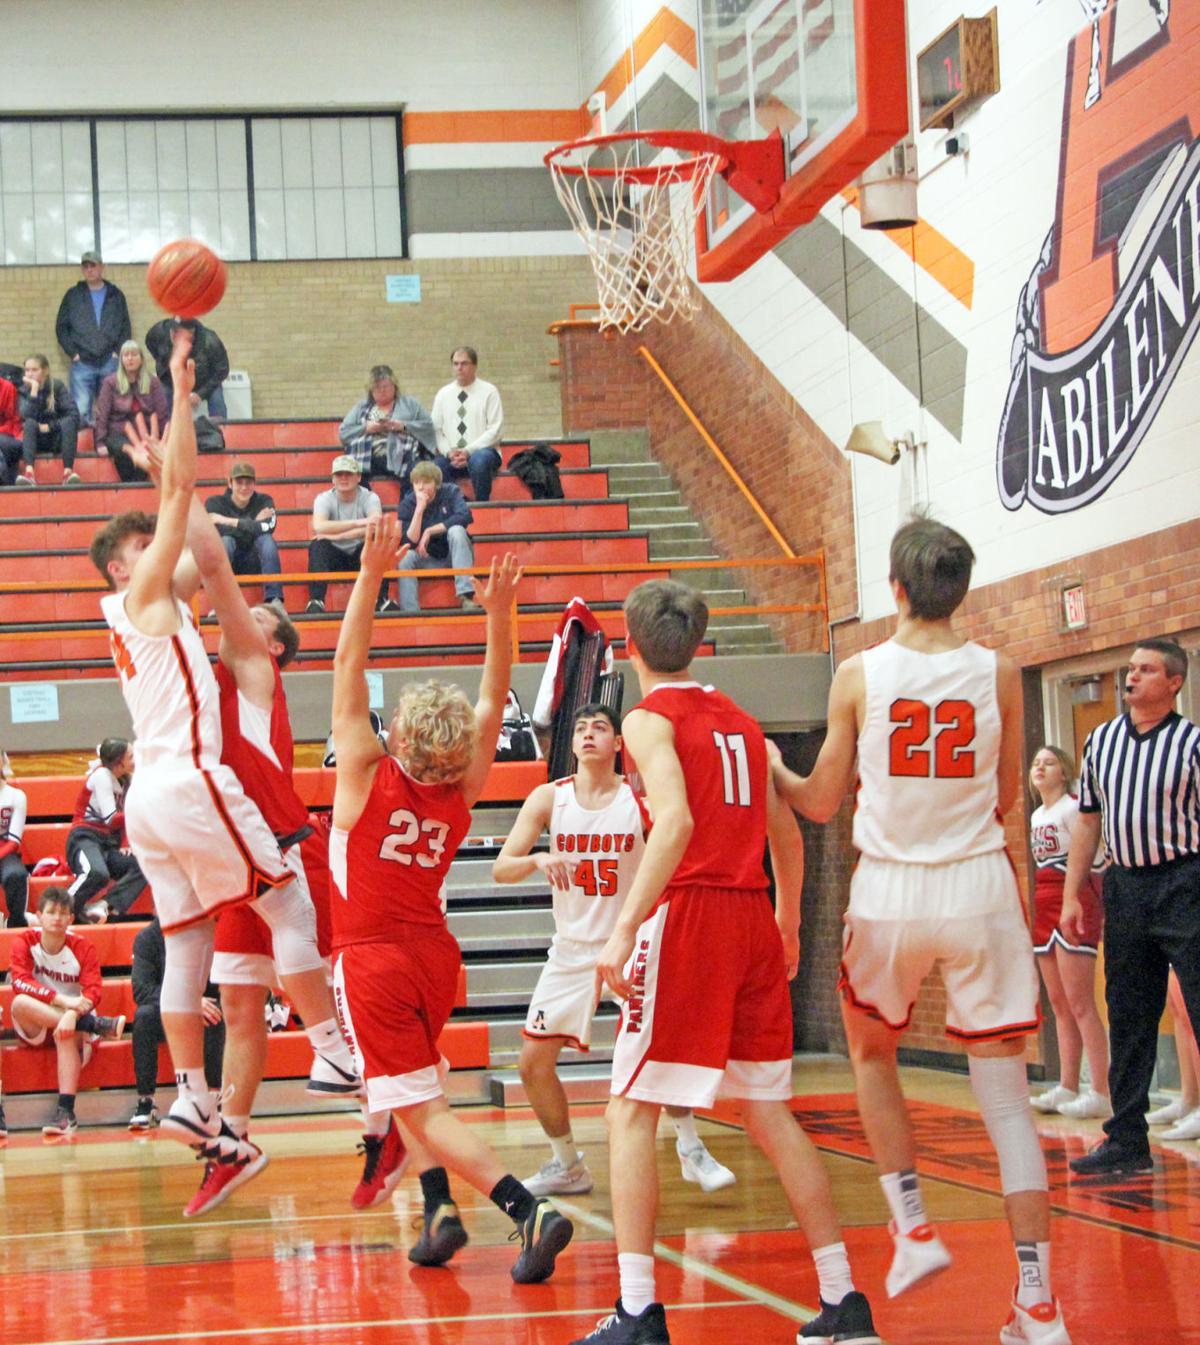 Becker shot